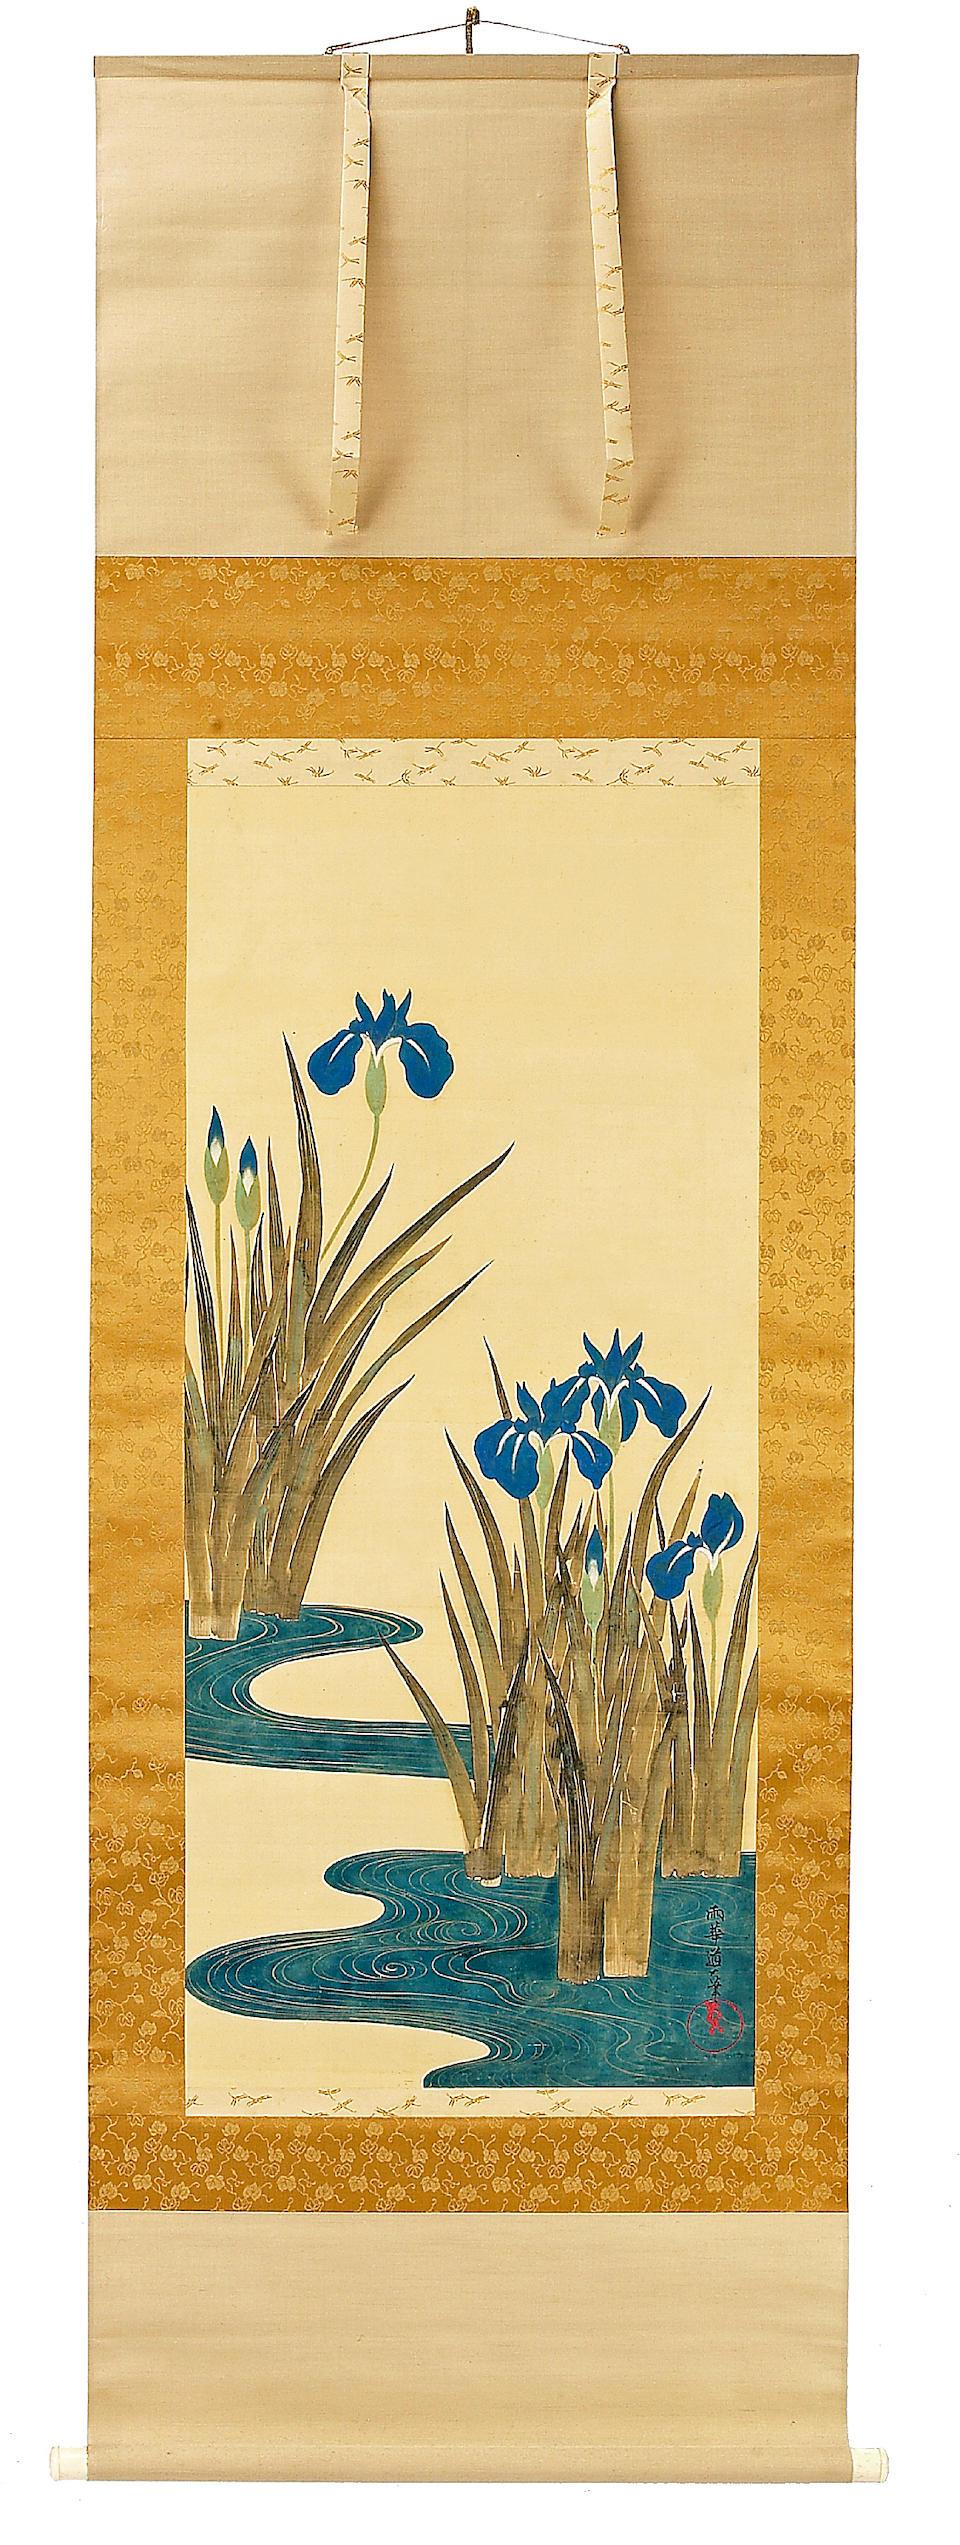 SAKAI DOITSU (1845-1913) IRISES